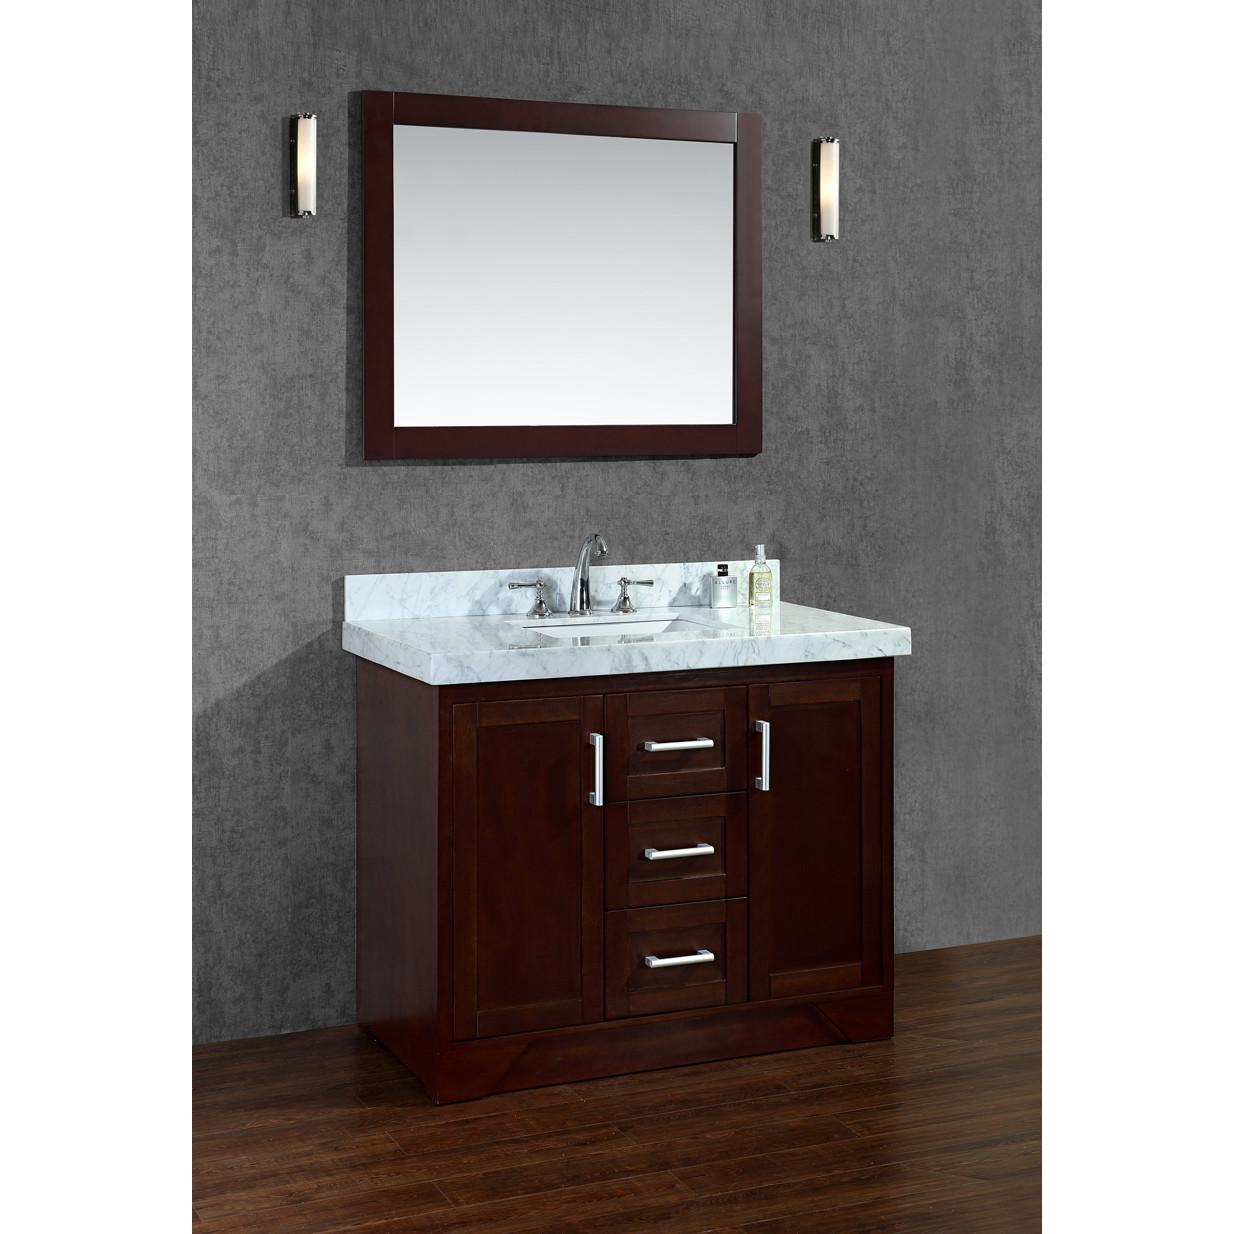 Compact Ariel Bath Ashbury 42 Single Bathroom Vanity Set with Mirror bathroom vanity sets